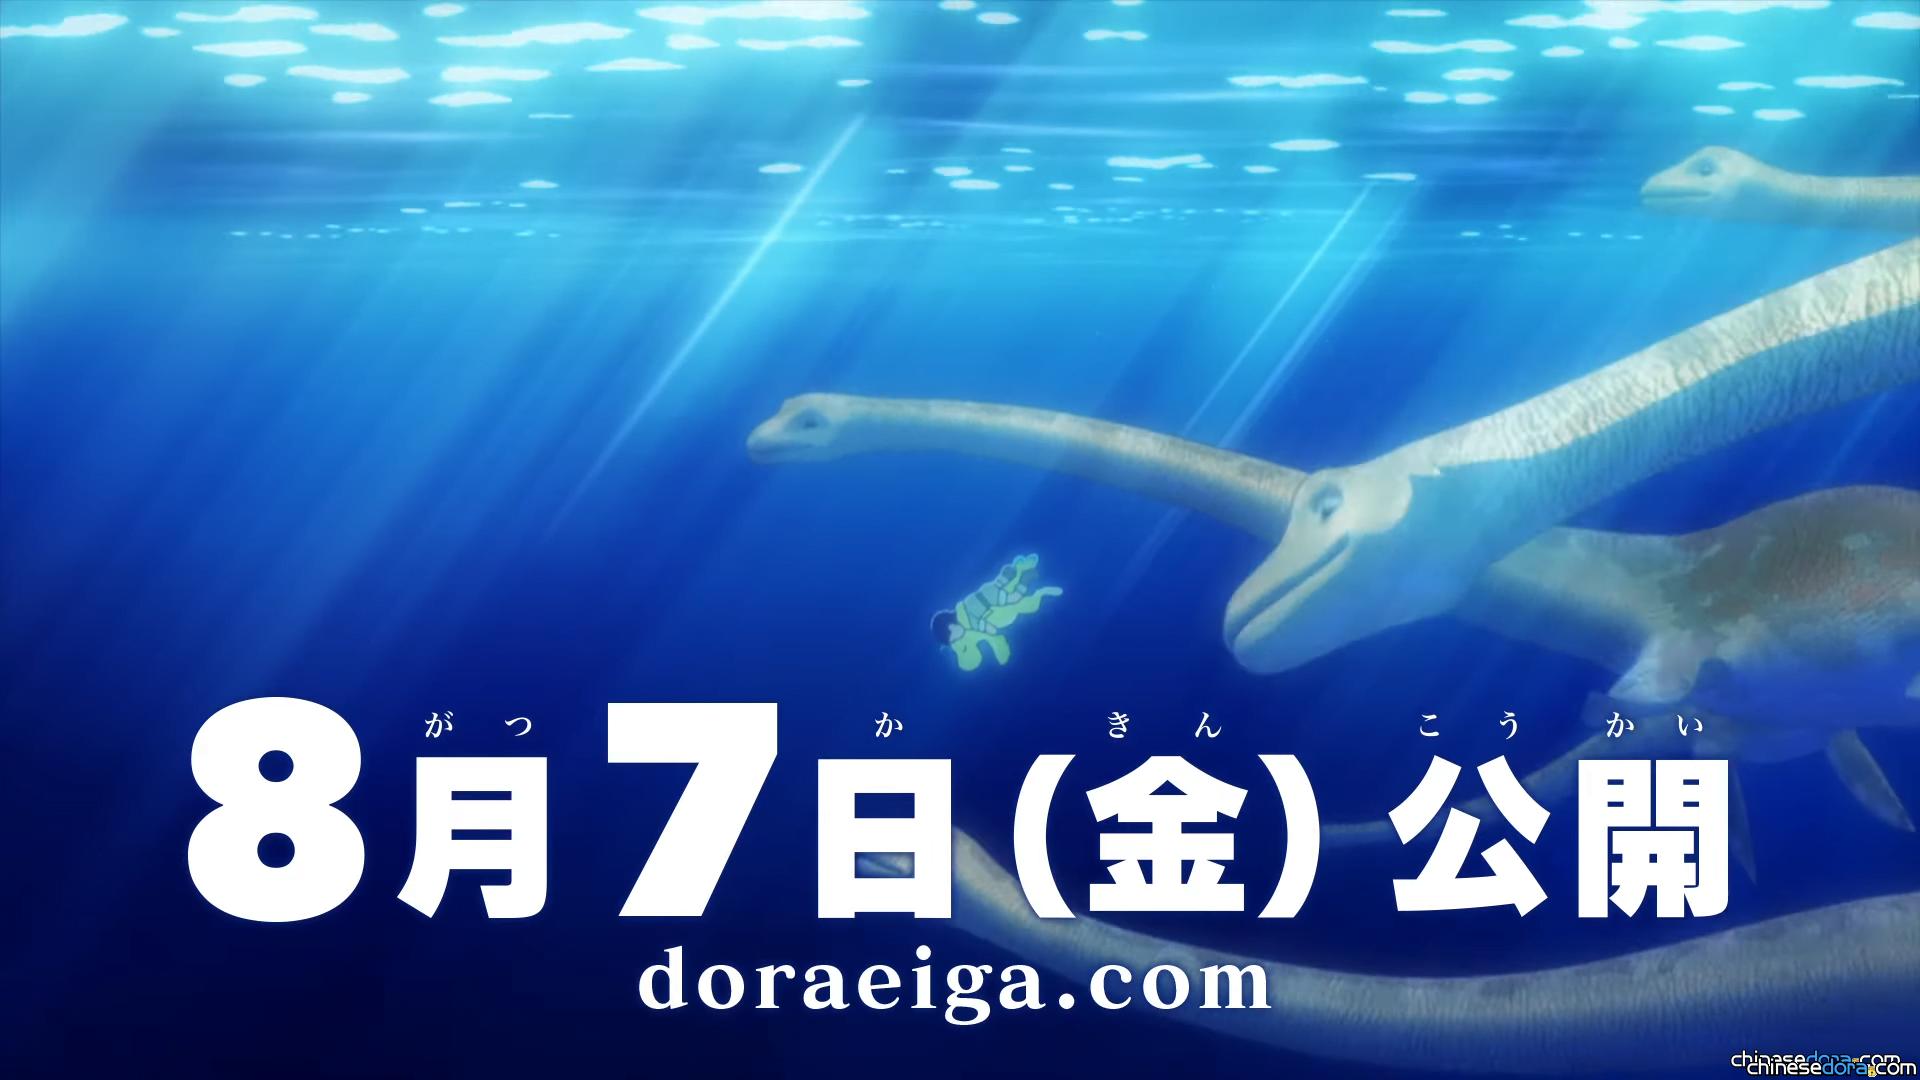 [日本] 《大雄的新恐龍》在日本延至 8 月 7 日暑假上映 《STAND BY ME 哆啦A夢 2》正式宣佈上映延期!